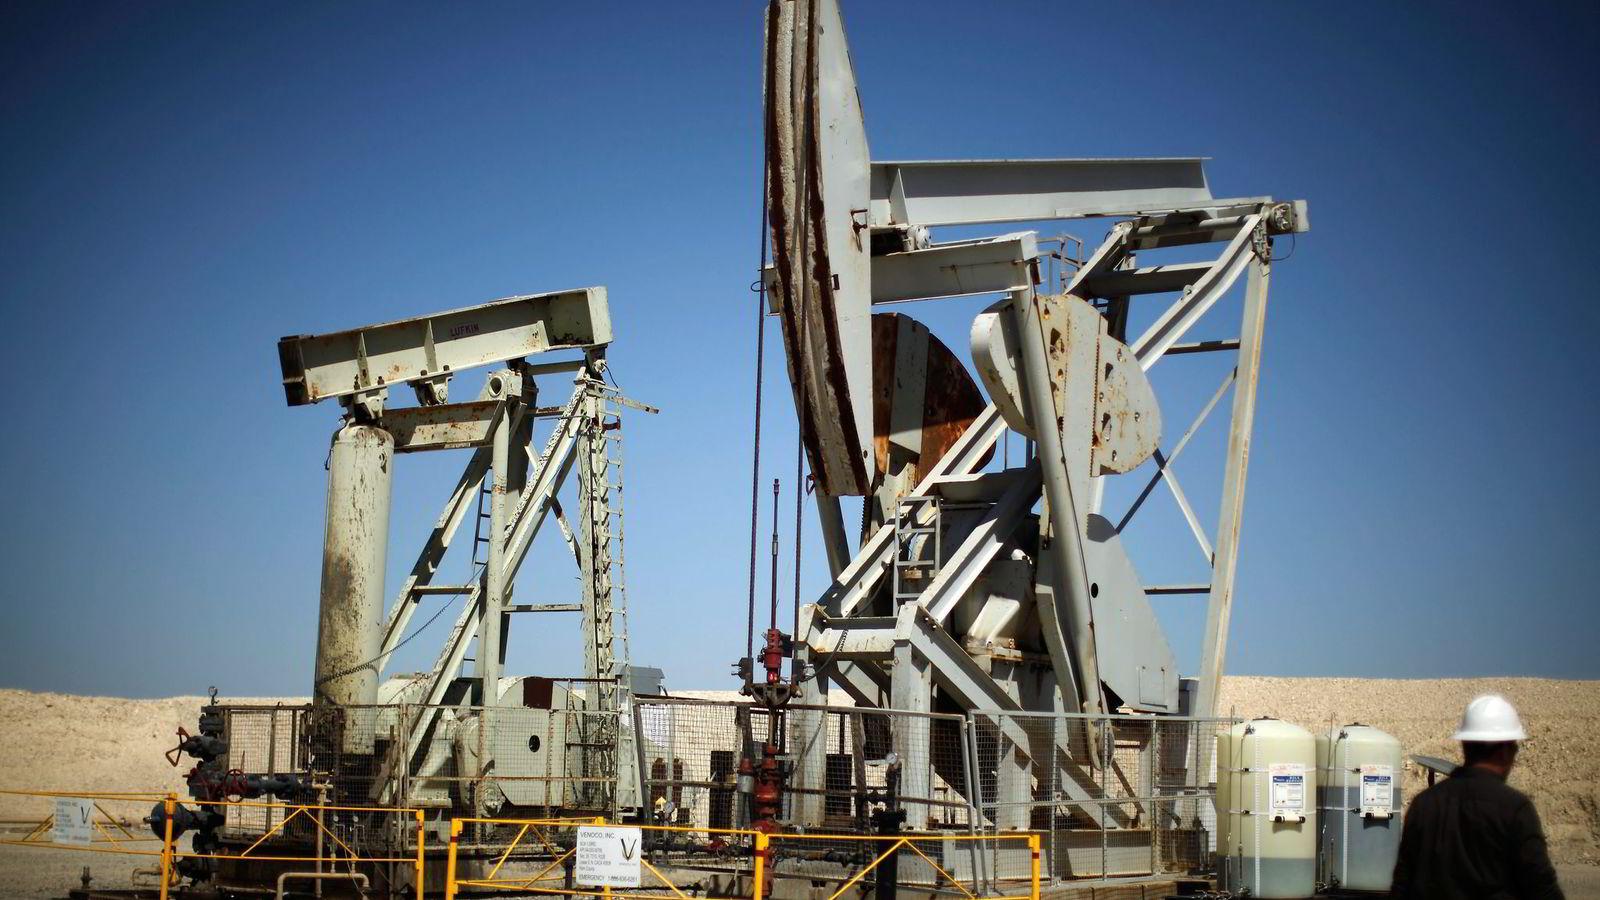 TENK PÅ ET TALL. Prognosemakerne har bommet grovt på oljeprisen mer enn en gang. Få spådde i sommer at oljeprisen ville rase til det laveste nivået på fem år. Foto: Lucy Nicholson , Reuters/NTB Scanpix